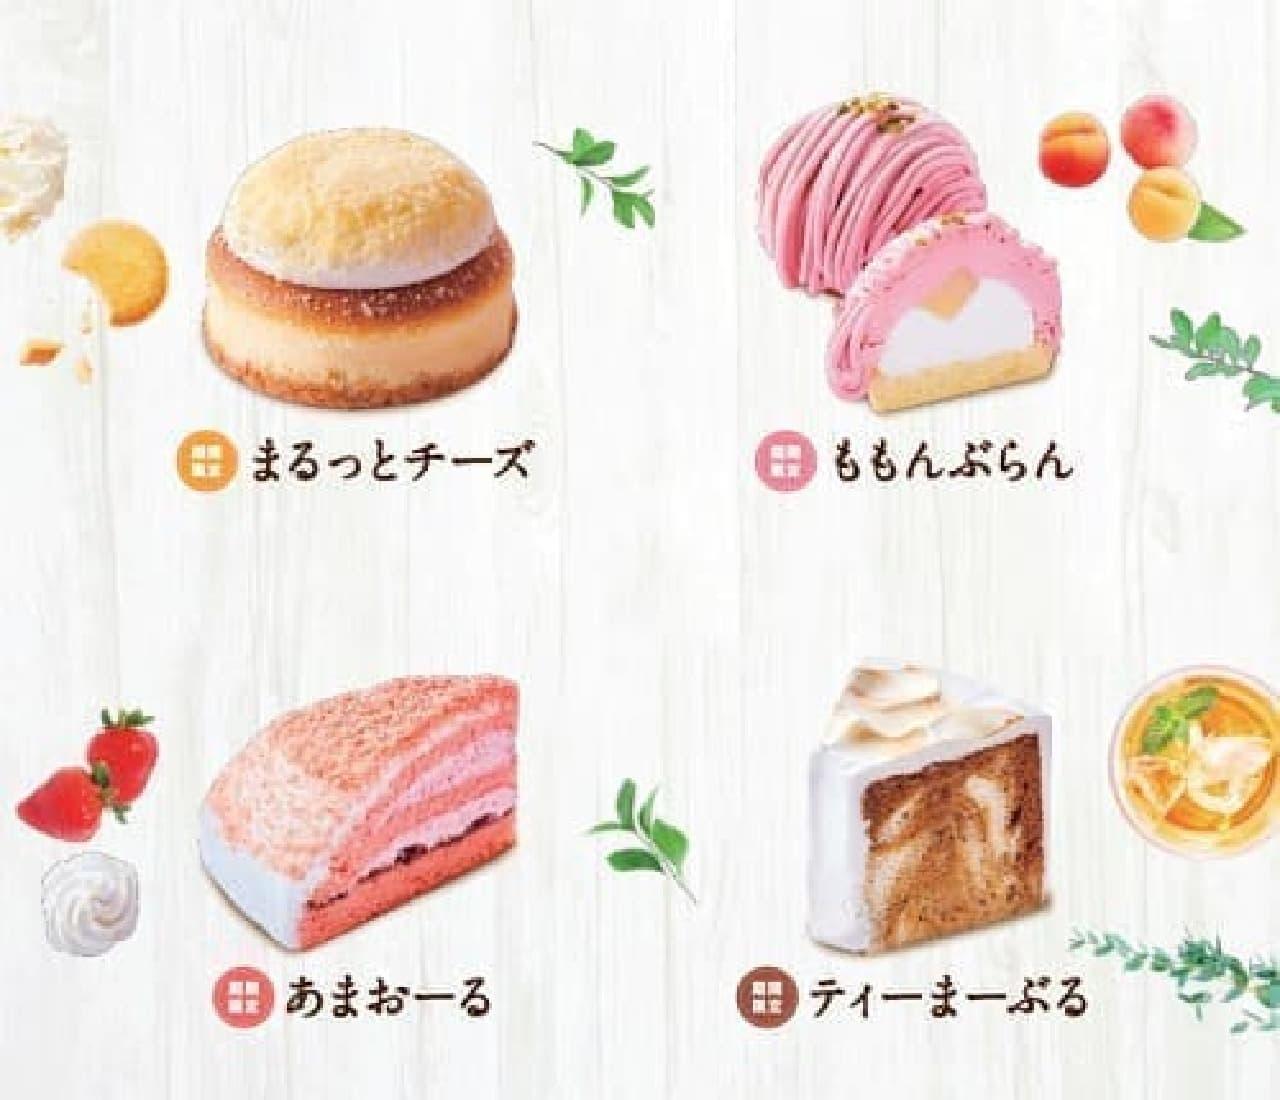 コメダ珈琲店、春夏の新作ケーキ4品